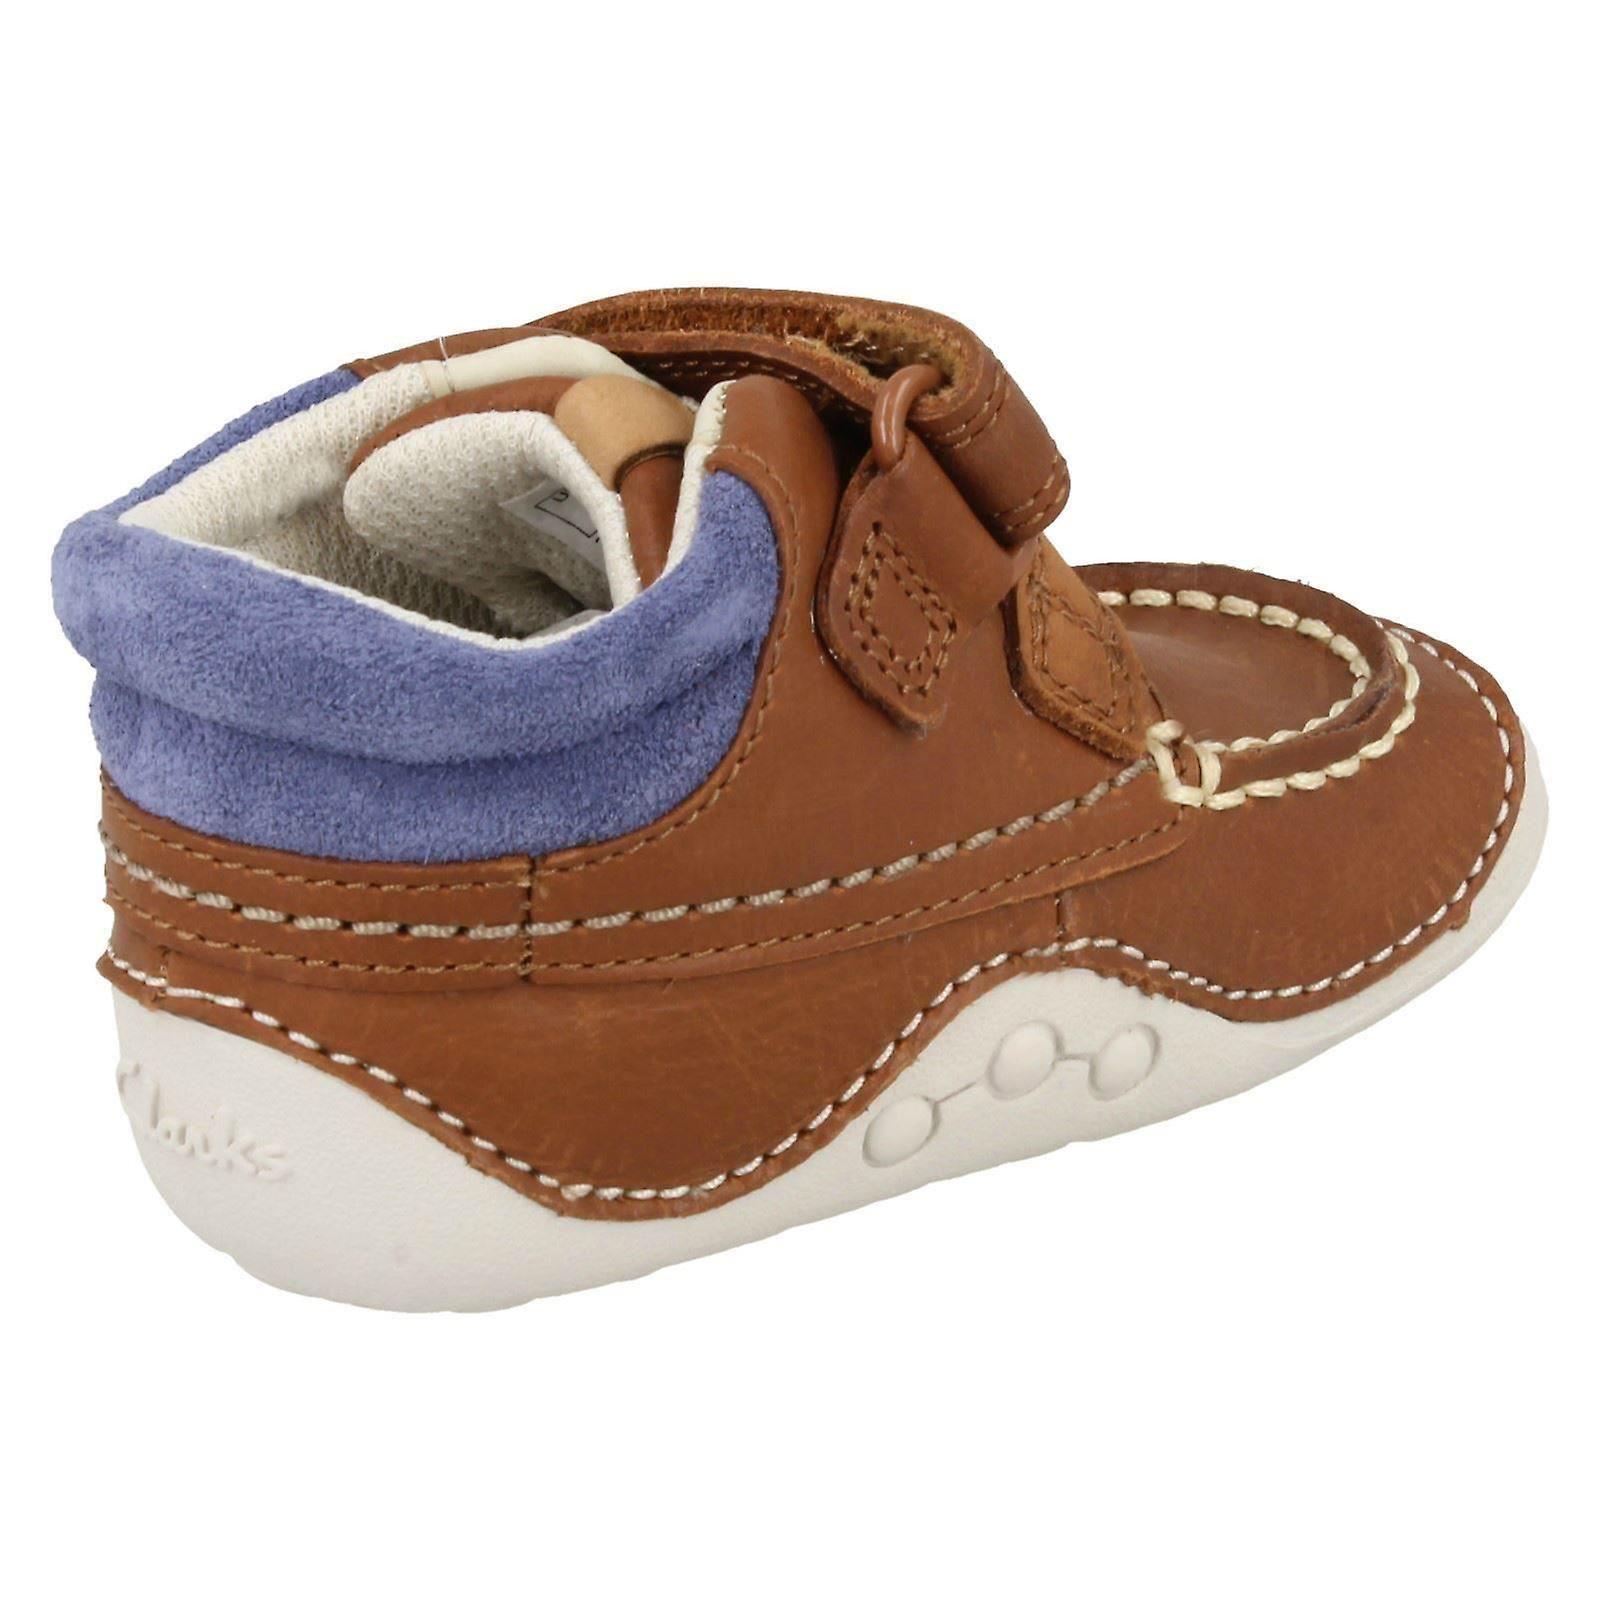 d'abord, les gars de chaussures chaussures chaussures clarks souliers minuscule tuktu e375f3